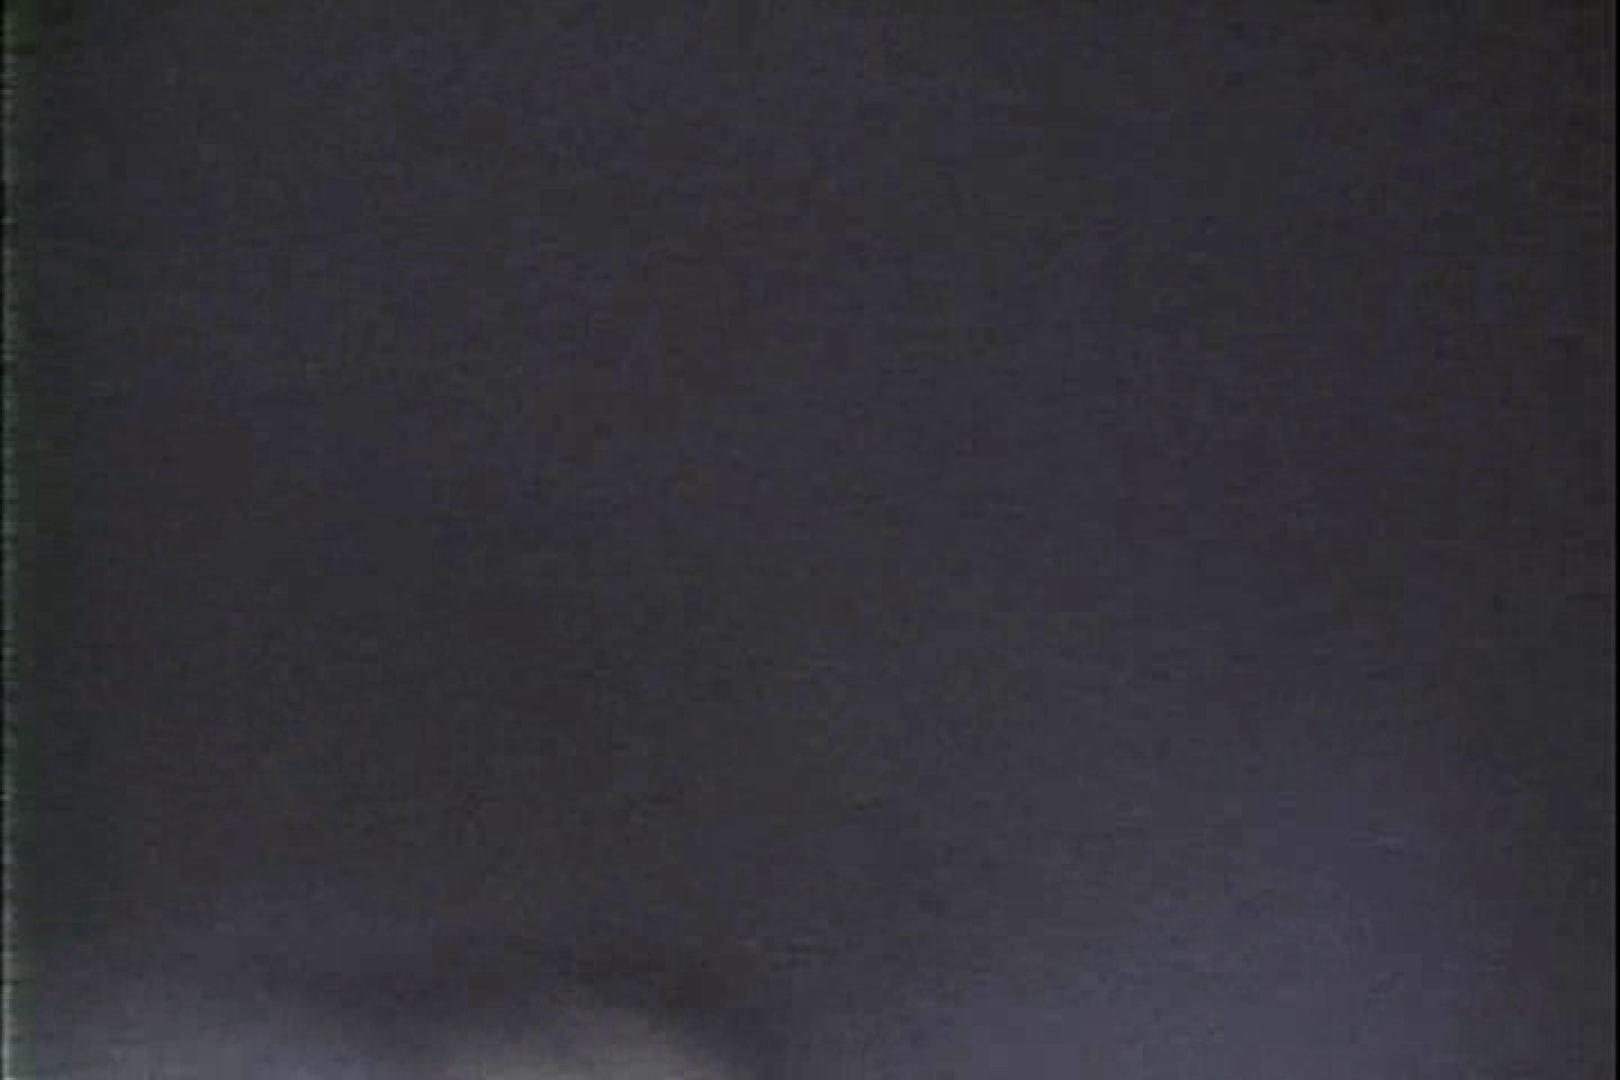 「ちくりん」さんのオリジナル未編集パンチラVol.4_02 ギャルの実態 盗撮動画紹介 69pic 42